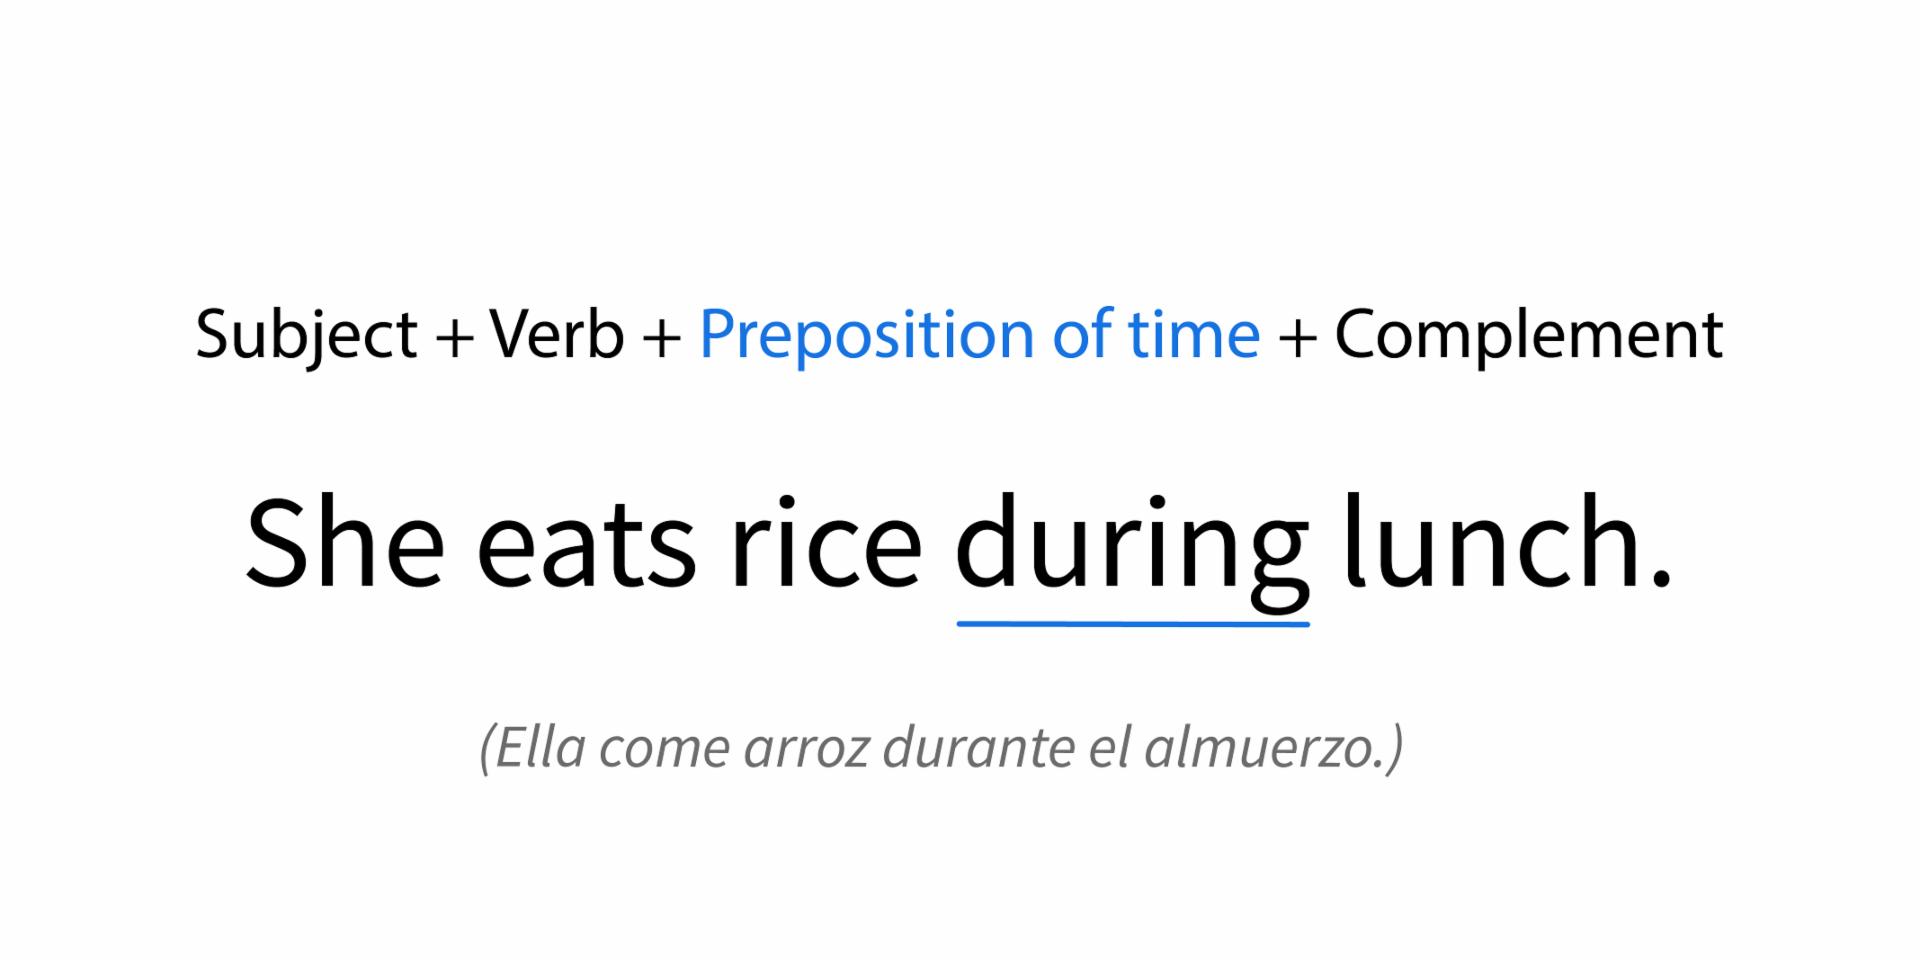 Ejemplo de una Preposición de tiempo en una oración.